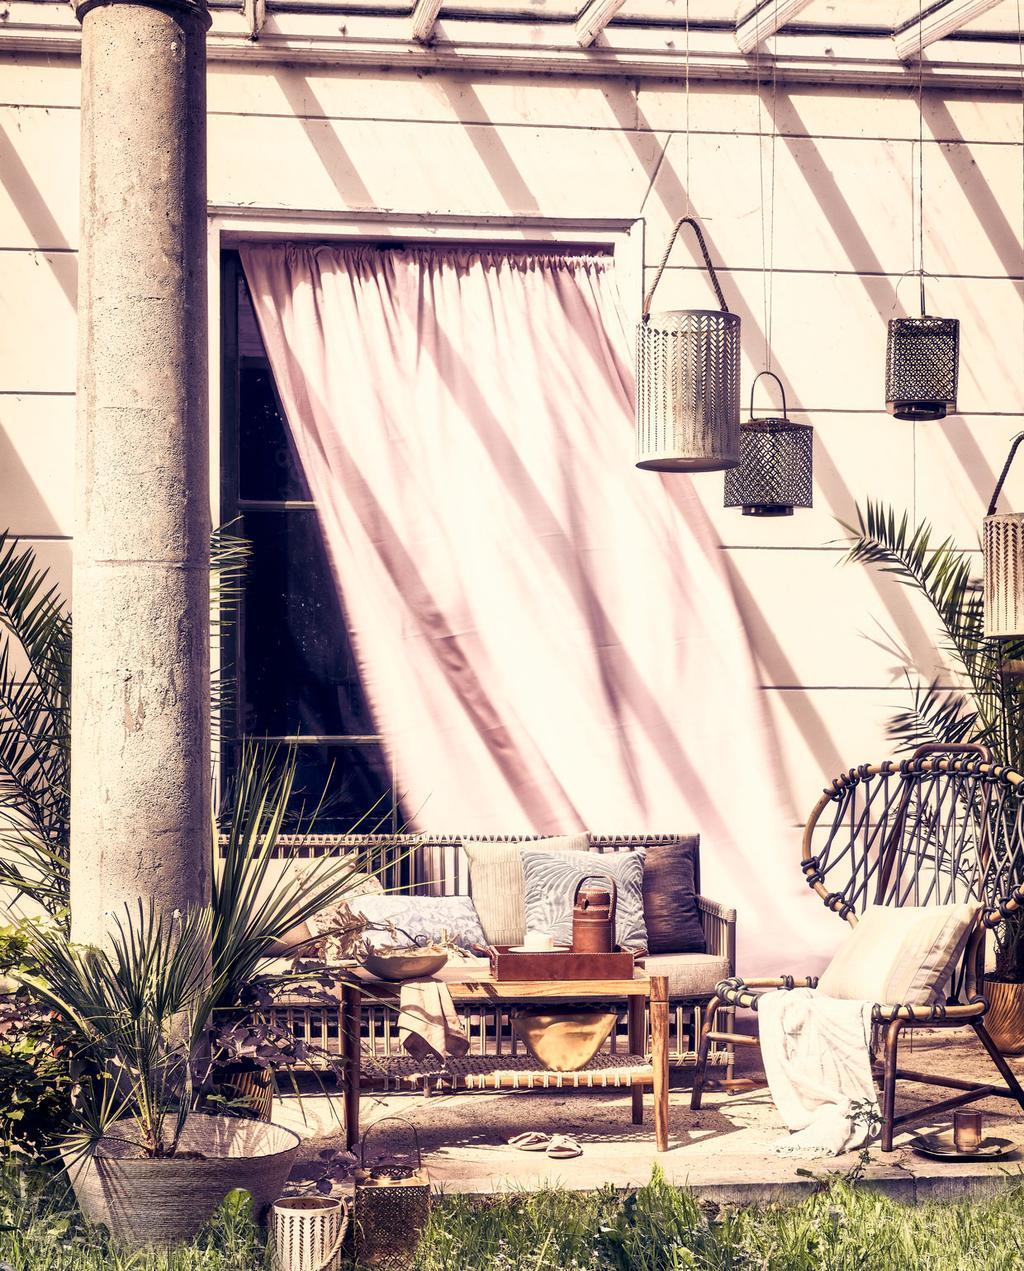 vtwonen 09 2019 | styling hotelsfeer in huis